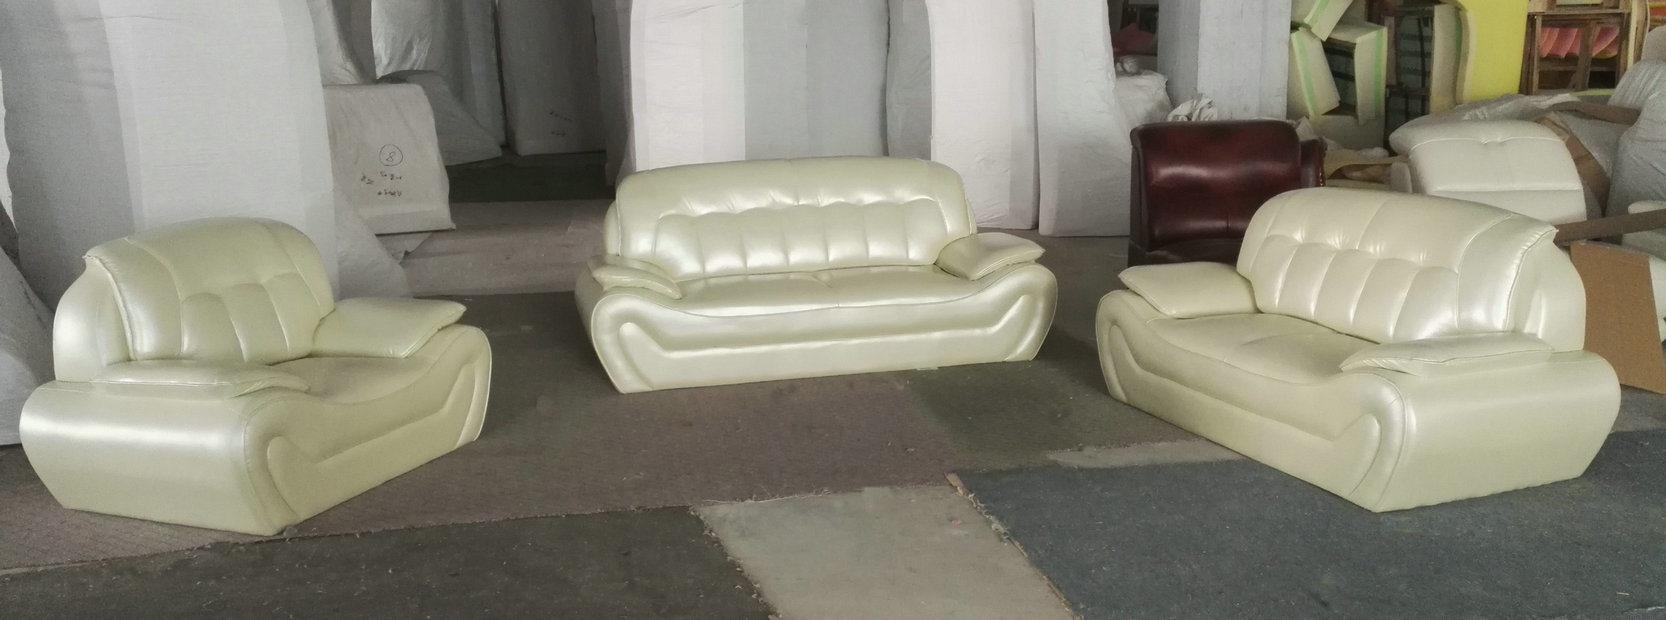 Kika Qualitäts-moderne Wohnzimmer-Sofa-Möbel (C37) foto auf de.Made ...